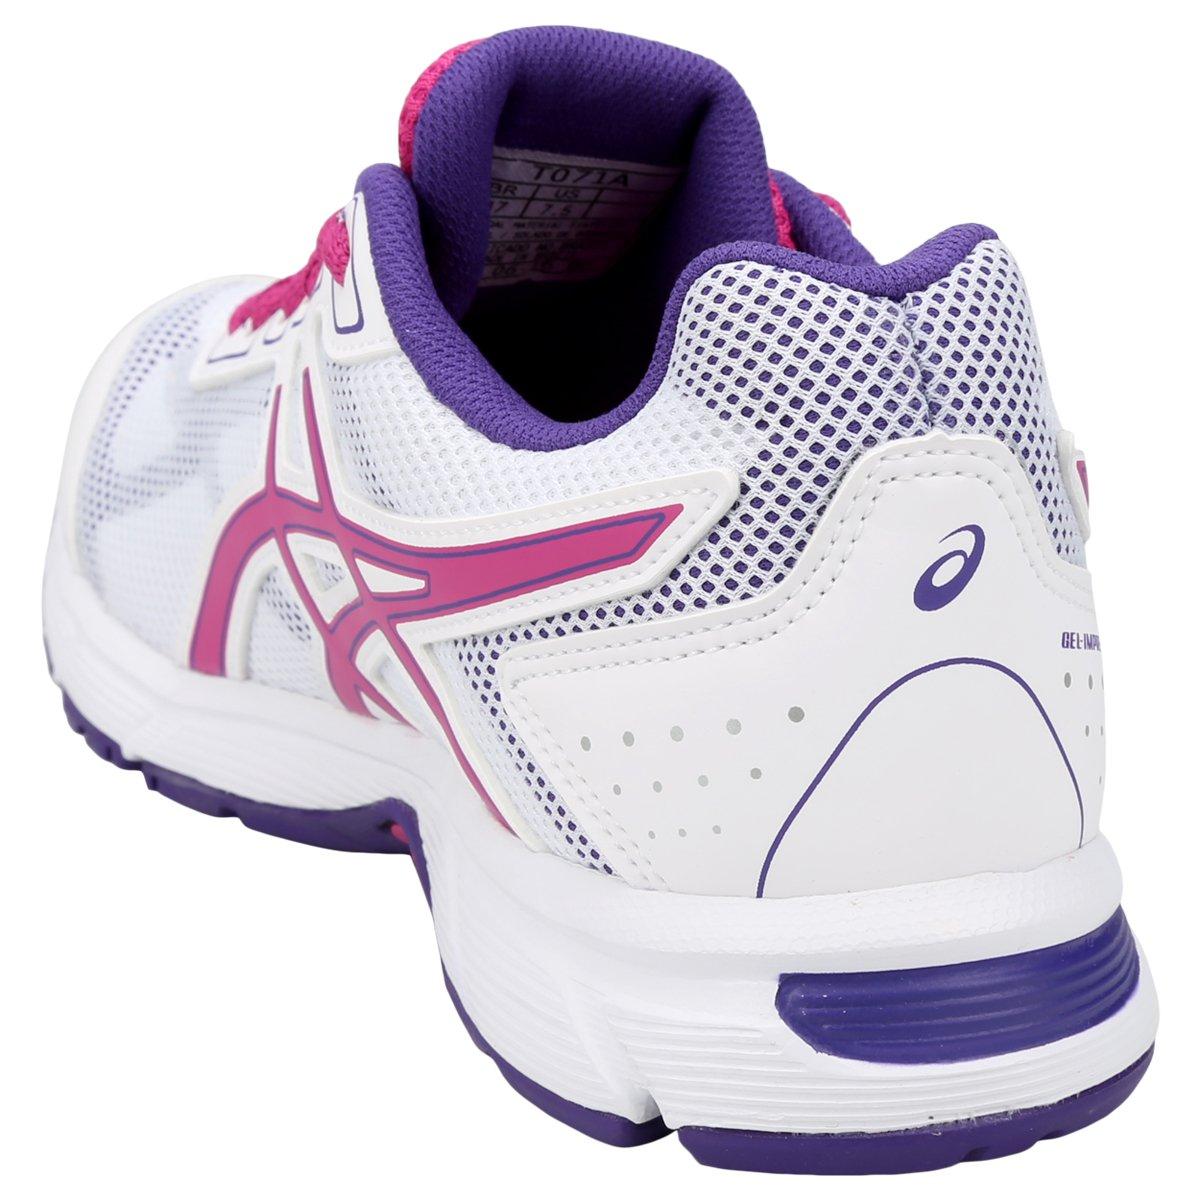 Tênis Asics Gel Impression 9 Feminino - Branco e Pink - Compre Agora ... ed276e7bf0a3d